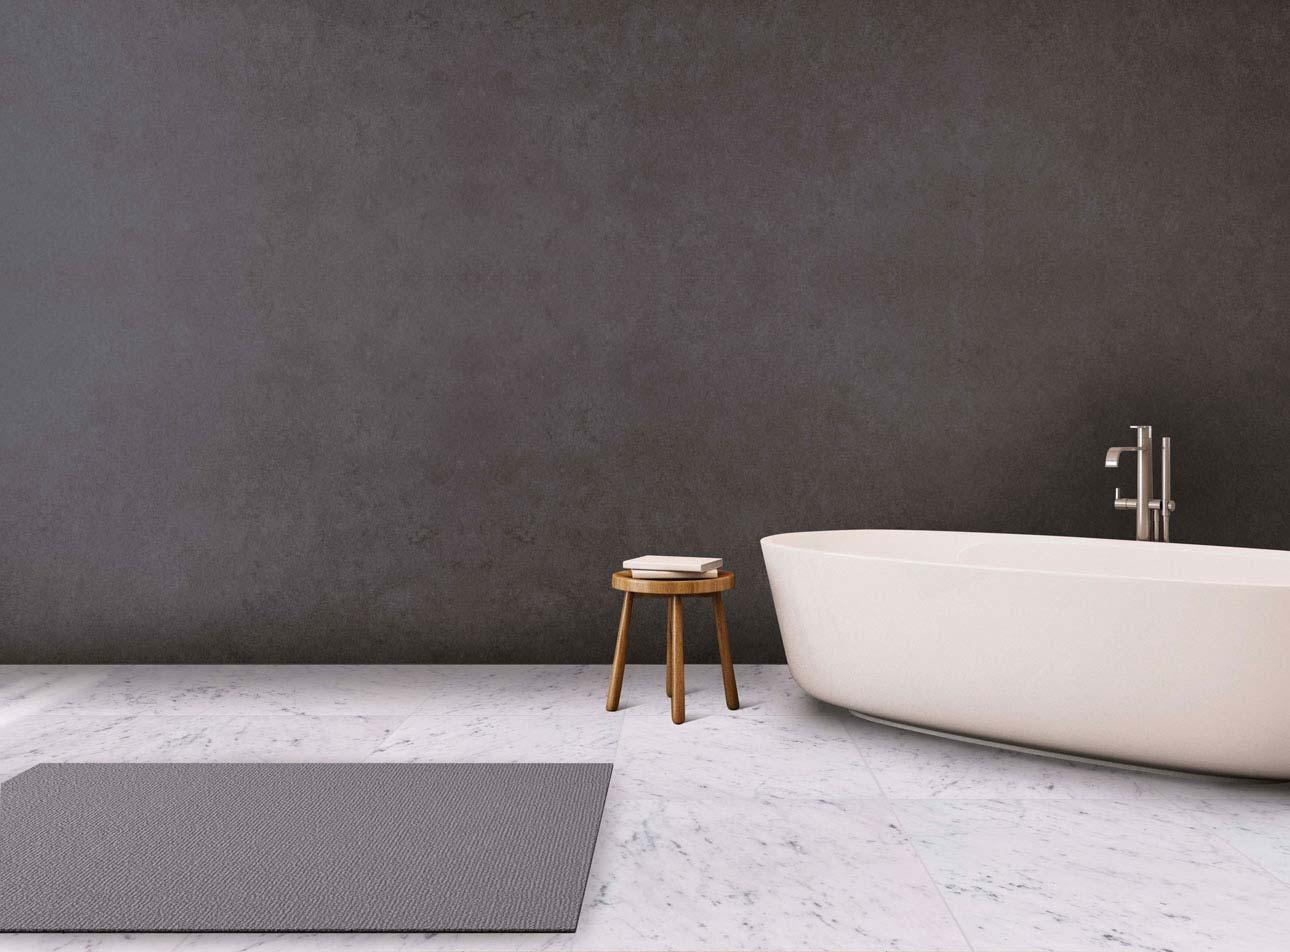 Realizzazioni in marmo pietra e travertino rielli - Bagno marmo bianco ...